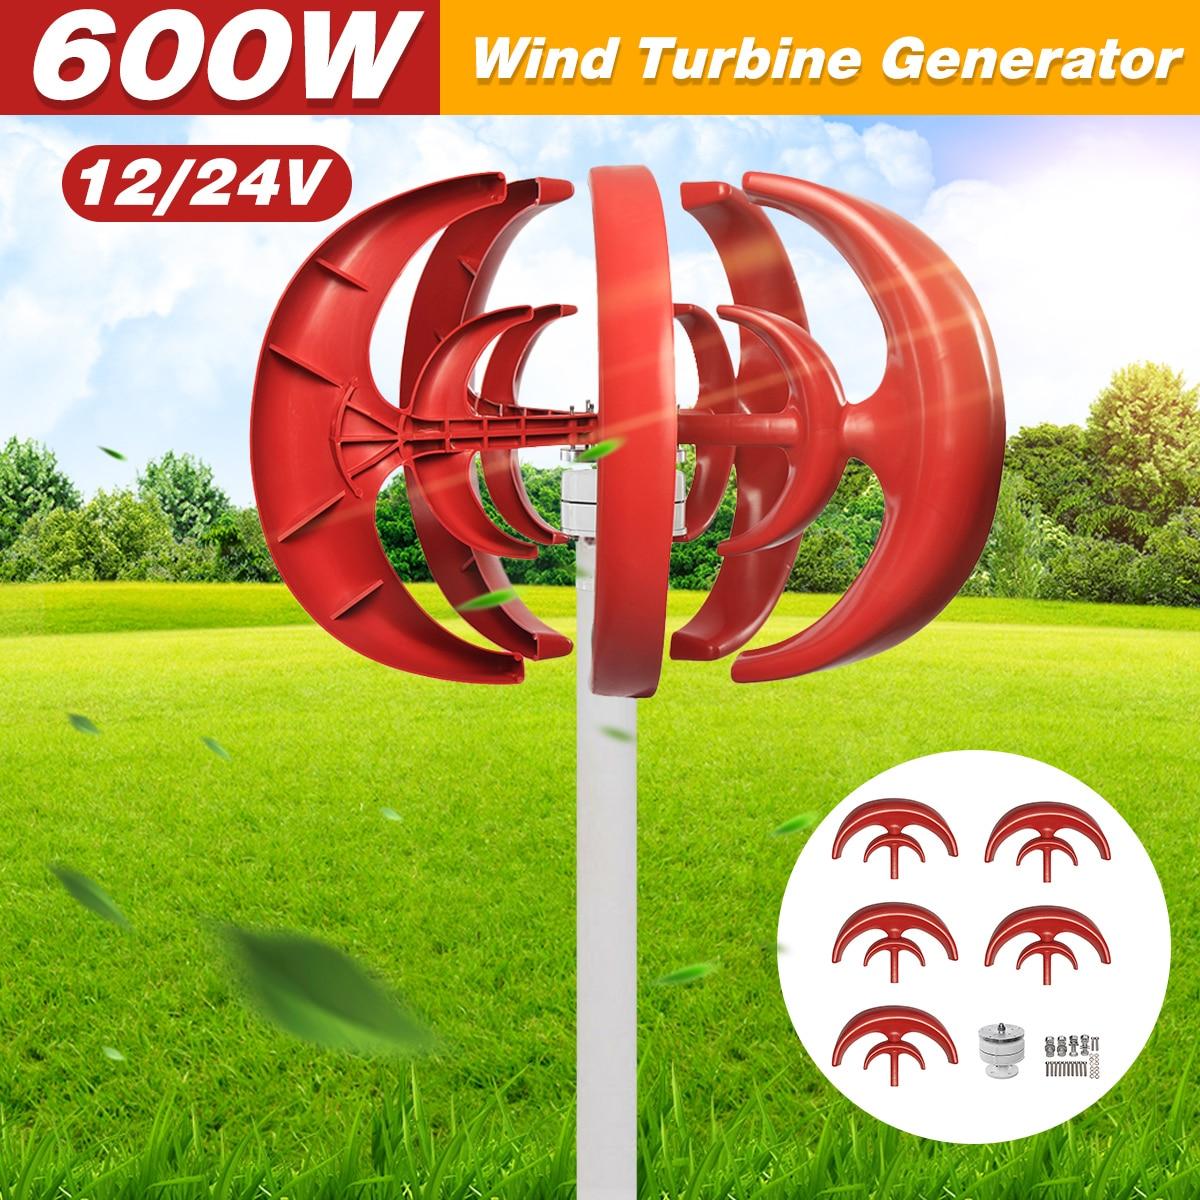 Max 600 W AC 12 V 24 V Lanterna 5 Lâminas Kit de Motor de Eixo Vertical Gerador de Turbina Eólica Para Casa uso de Rua híbrido